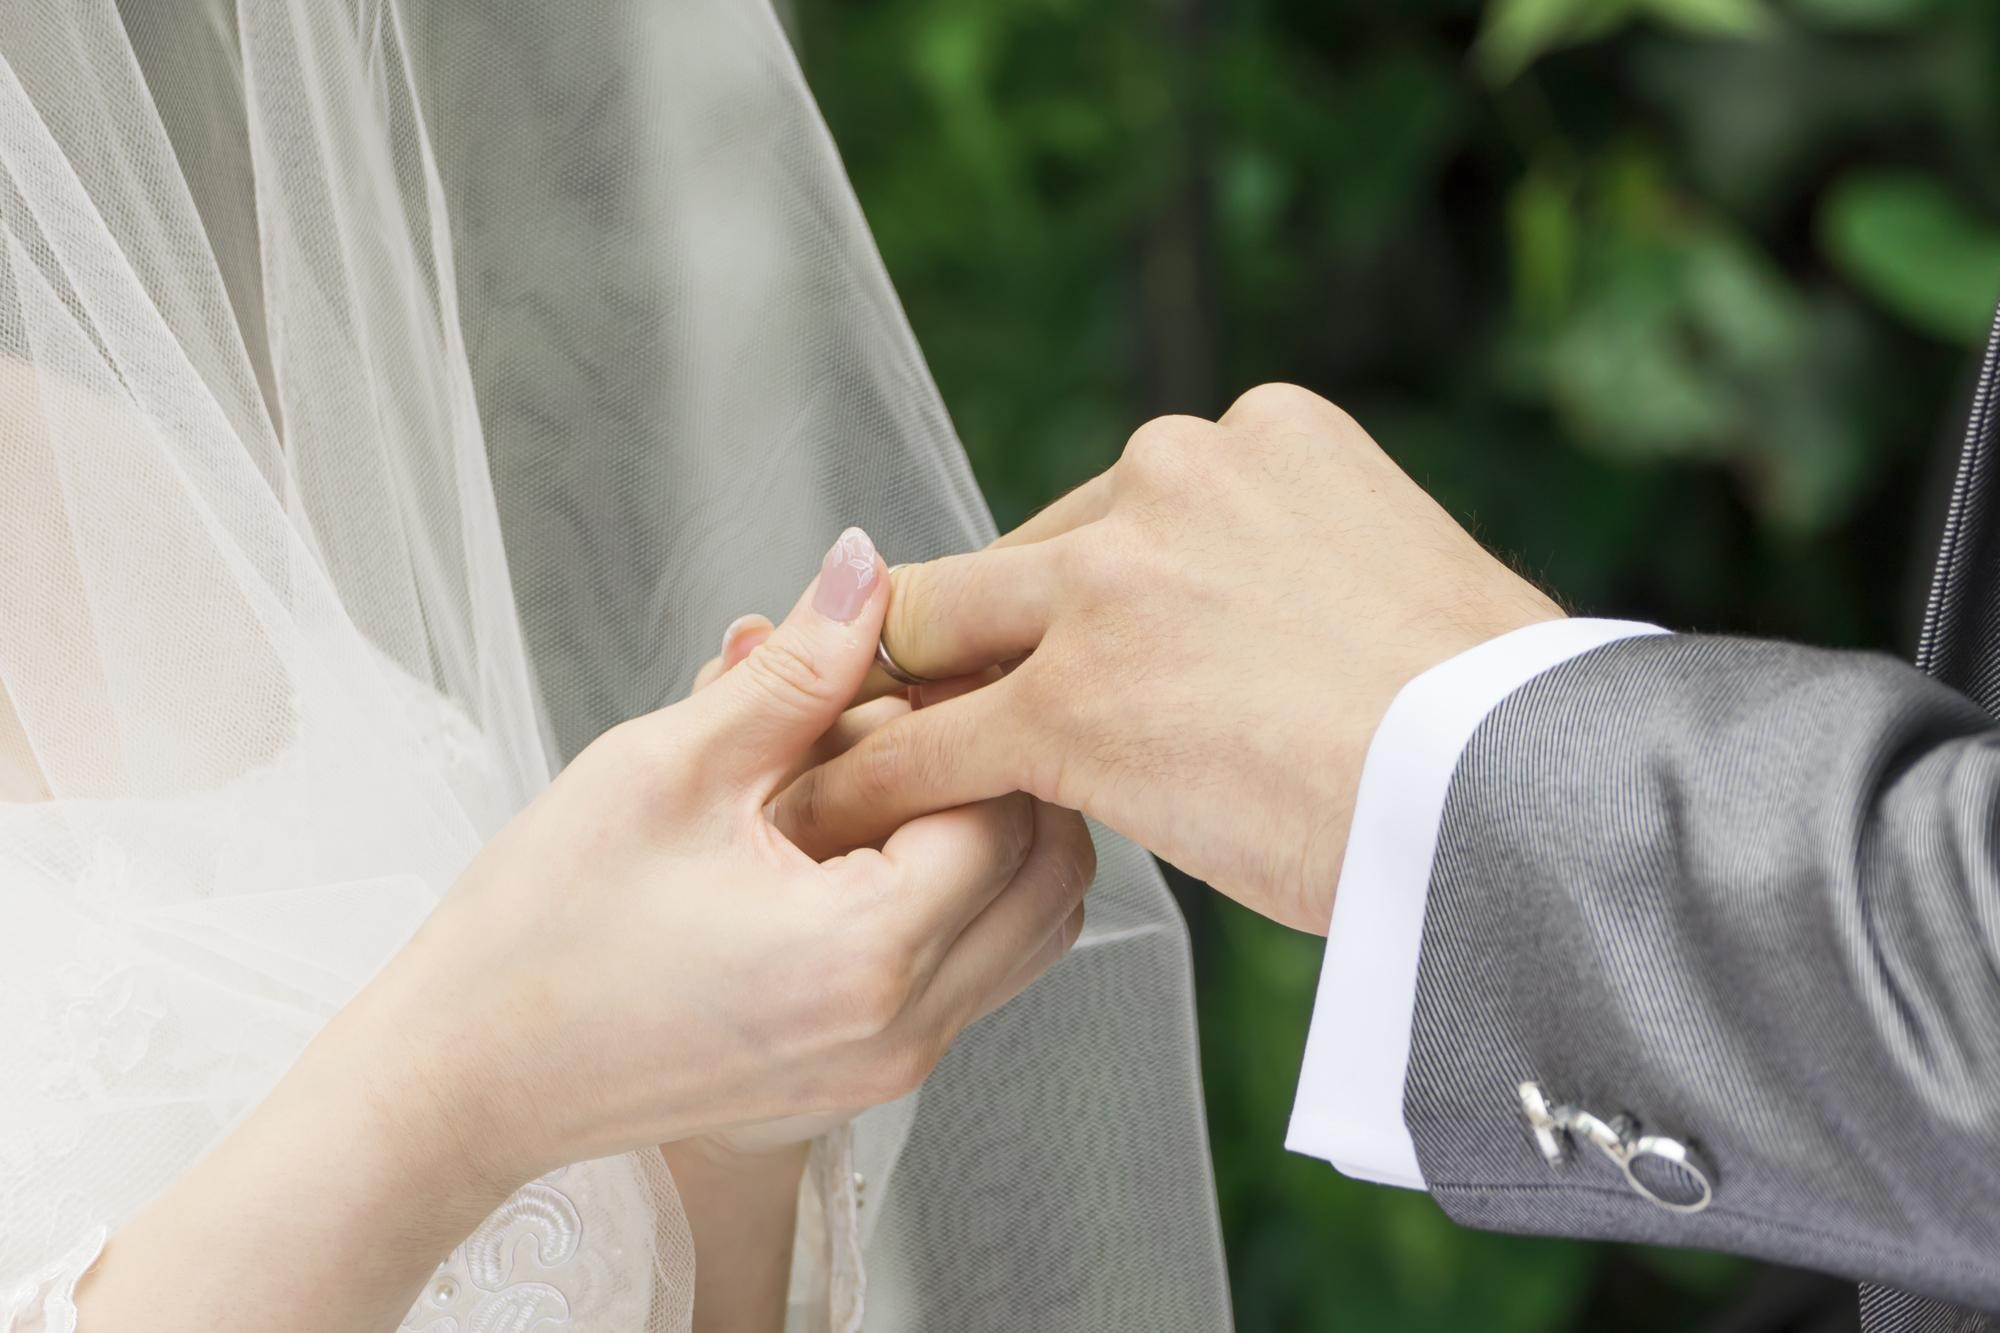 結婚指輪を着けるタイミングに決まりはない